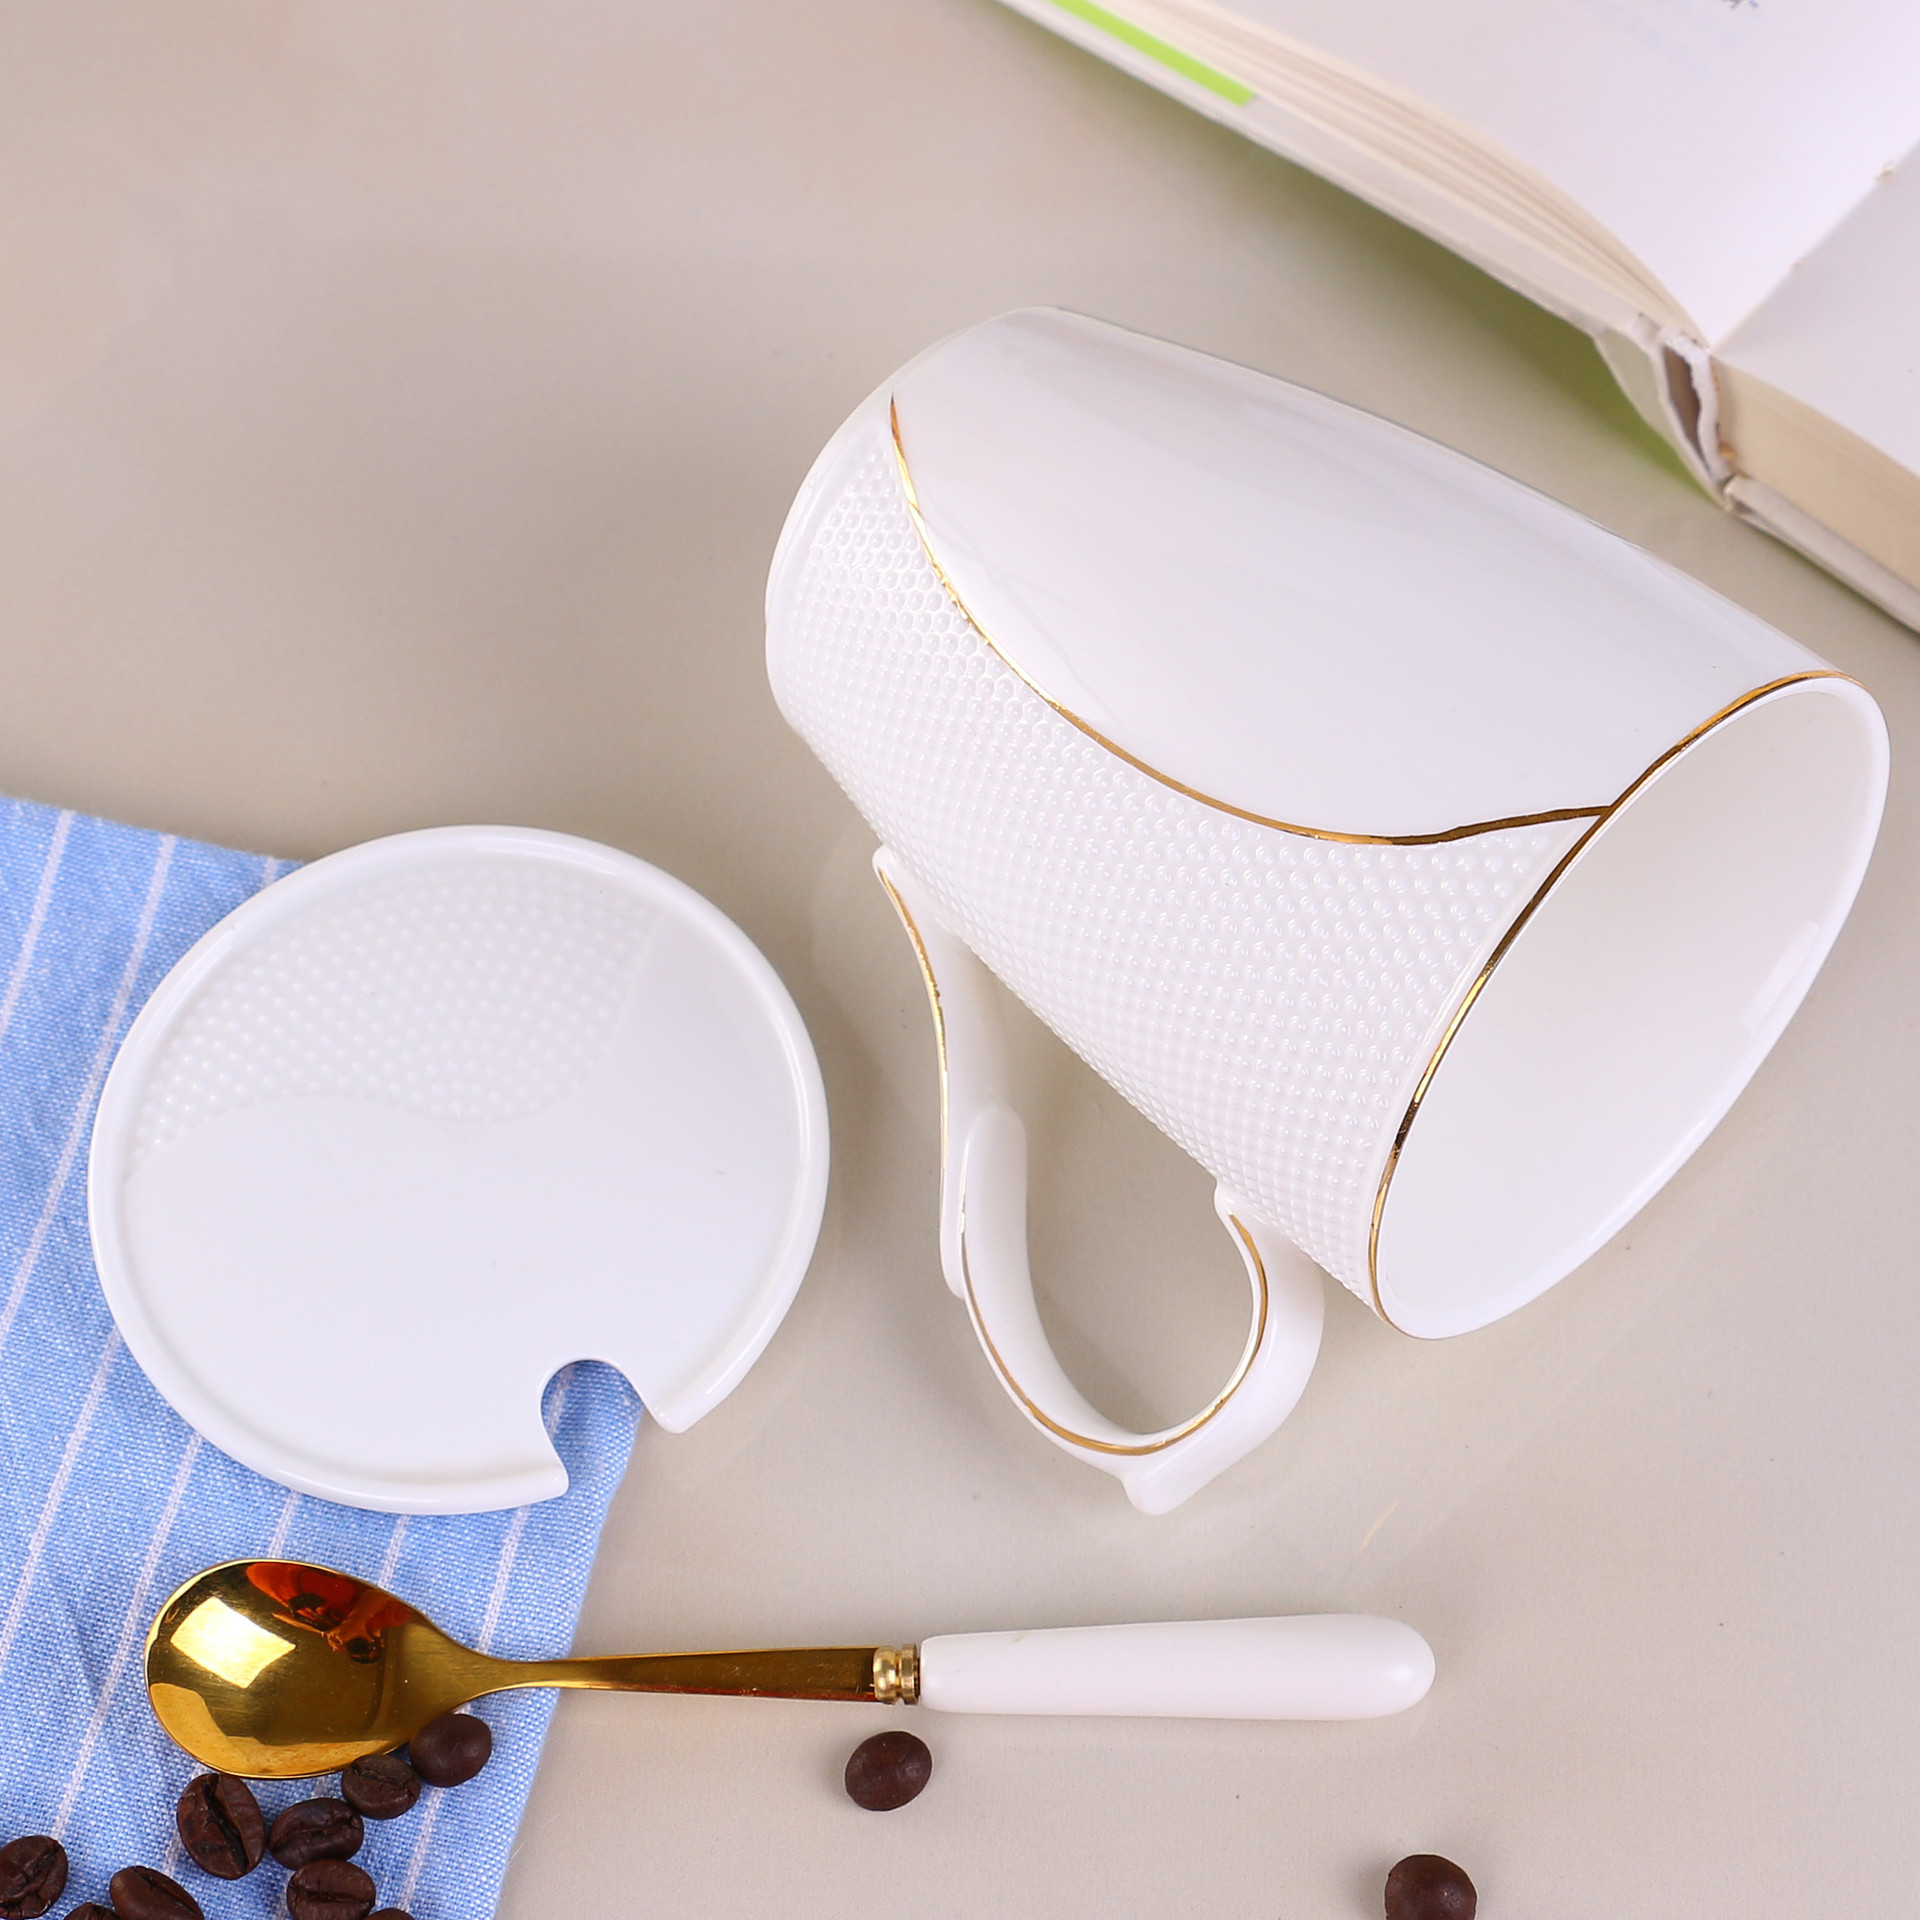 创意陶瓷杯子马克杯杯子保温杯 批发定制logo盖杯日用百货